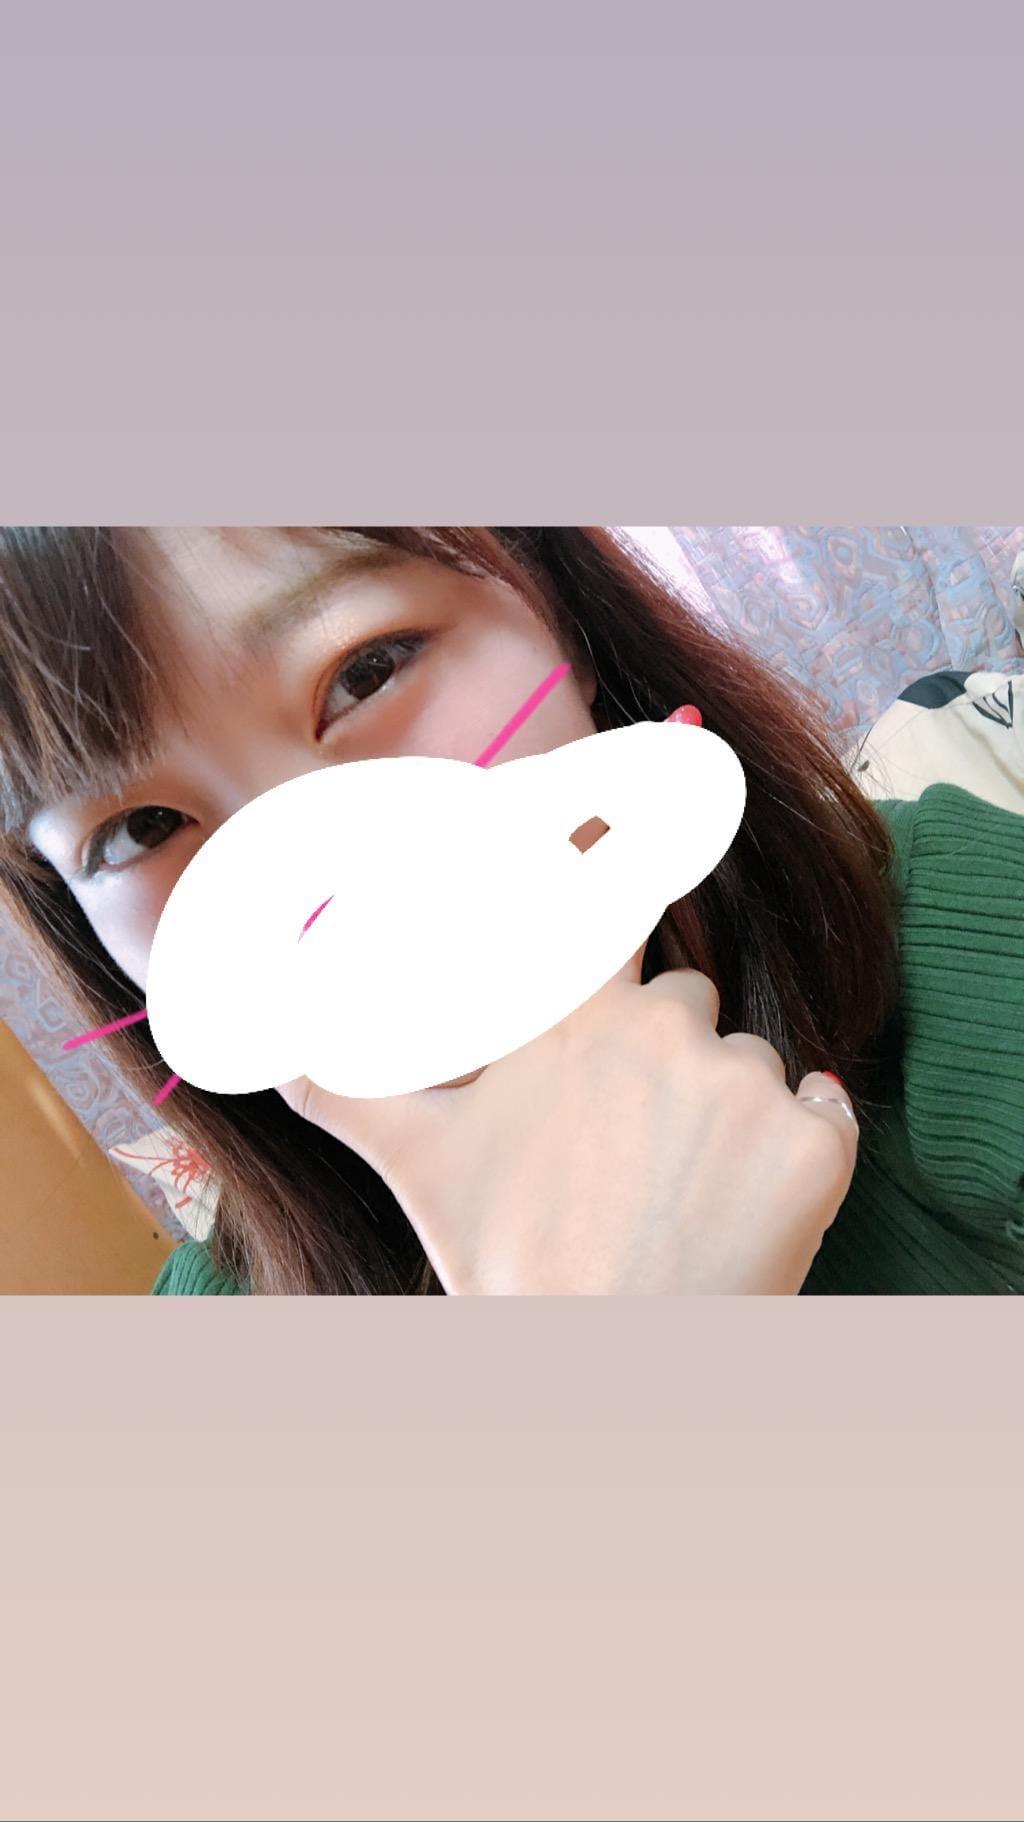 「ゆうりです」08/21(火) 12:53 | 佐伯ゆうりの写メ・風俗動画